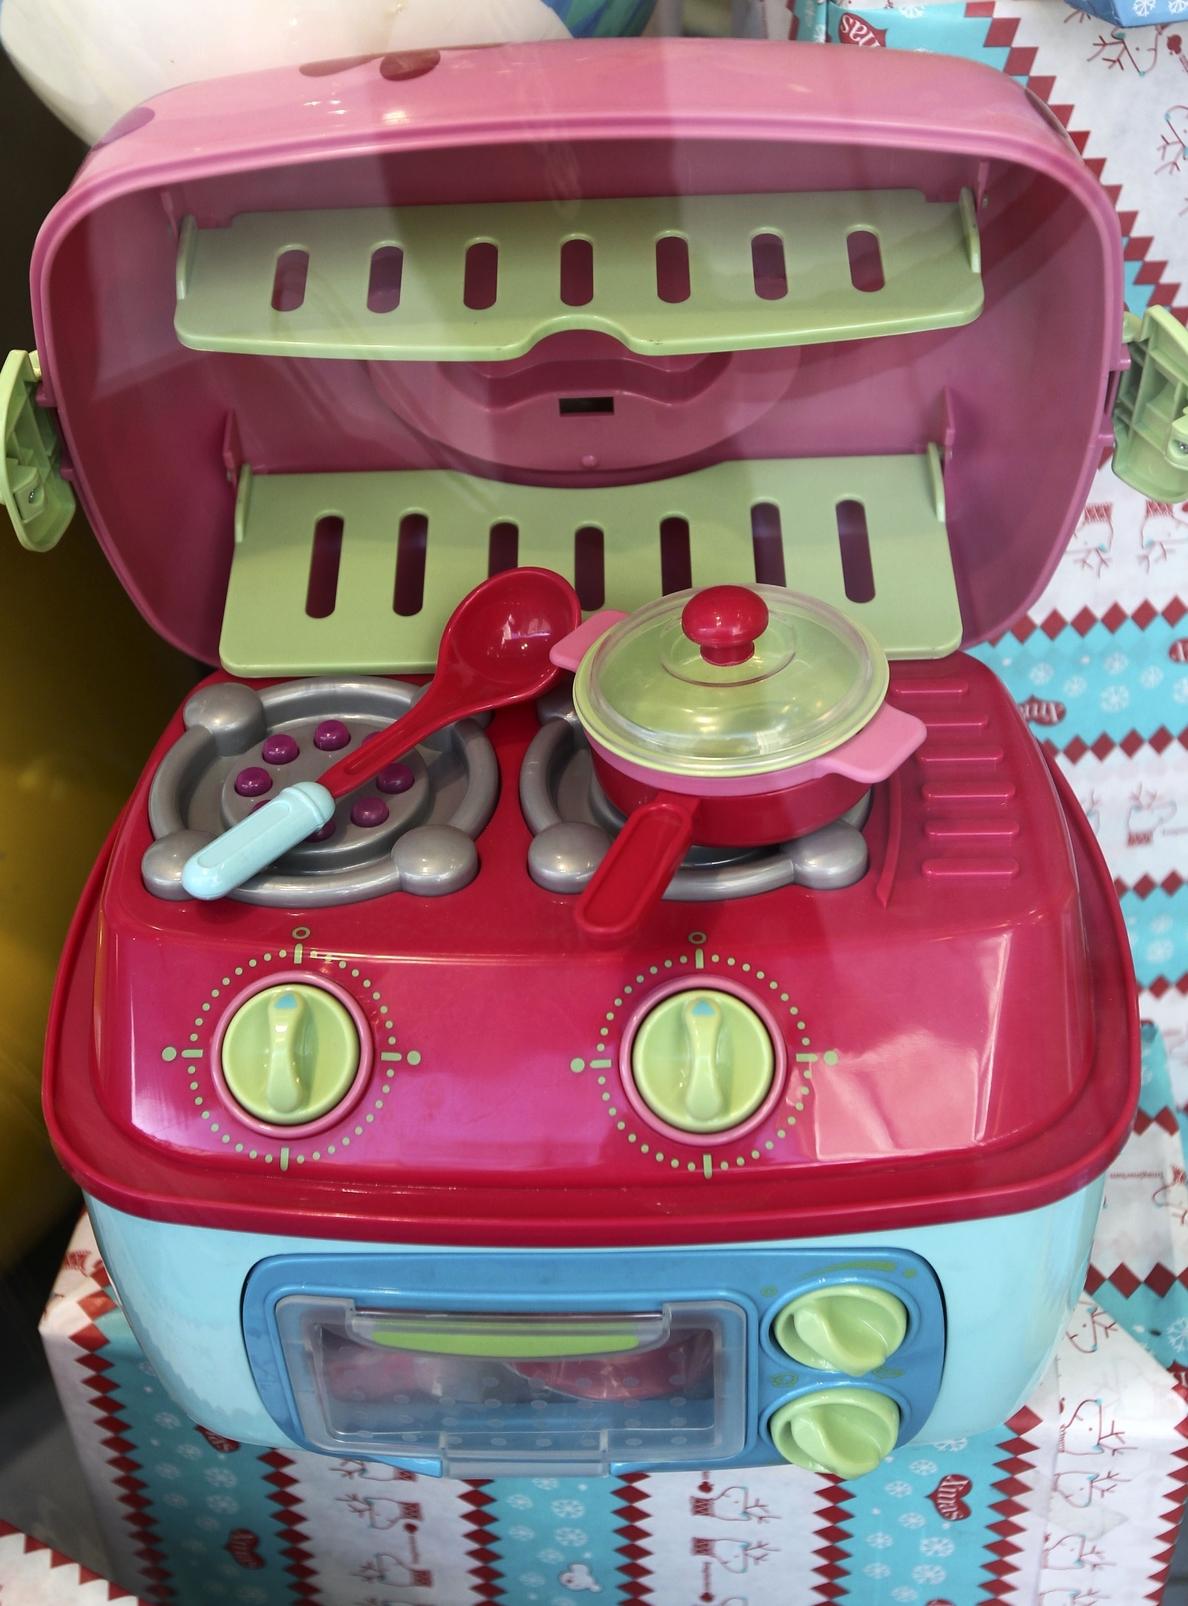 El juguete afronta con «buenos datos» la campaña de Navidad tras crecer las ventas un 11% en agosto